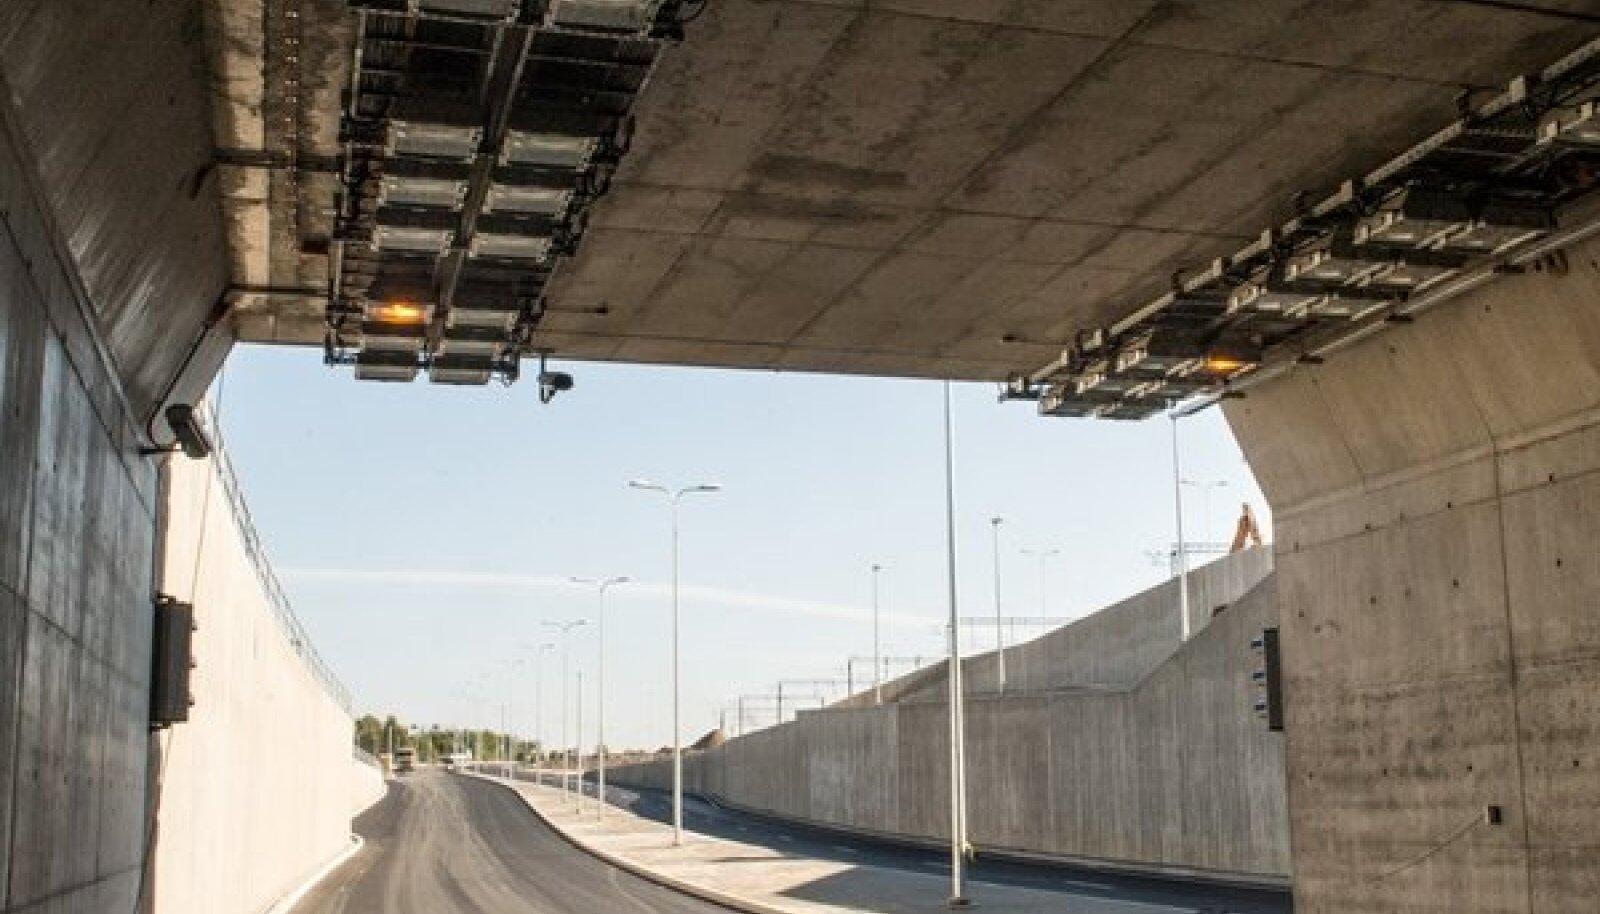 Ülemiste liiklussõlme autotunnel